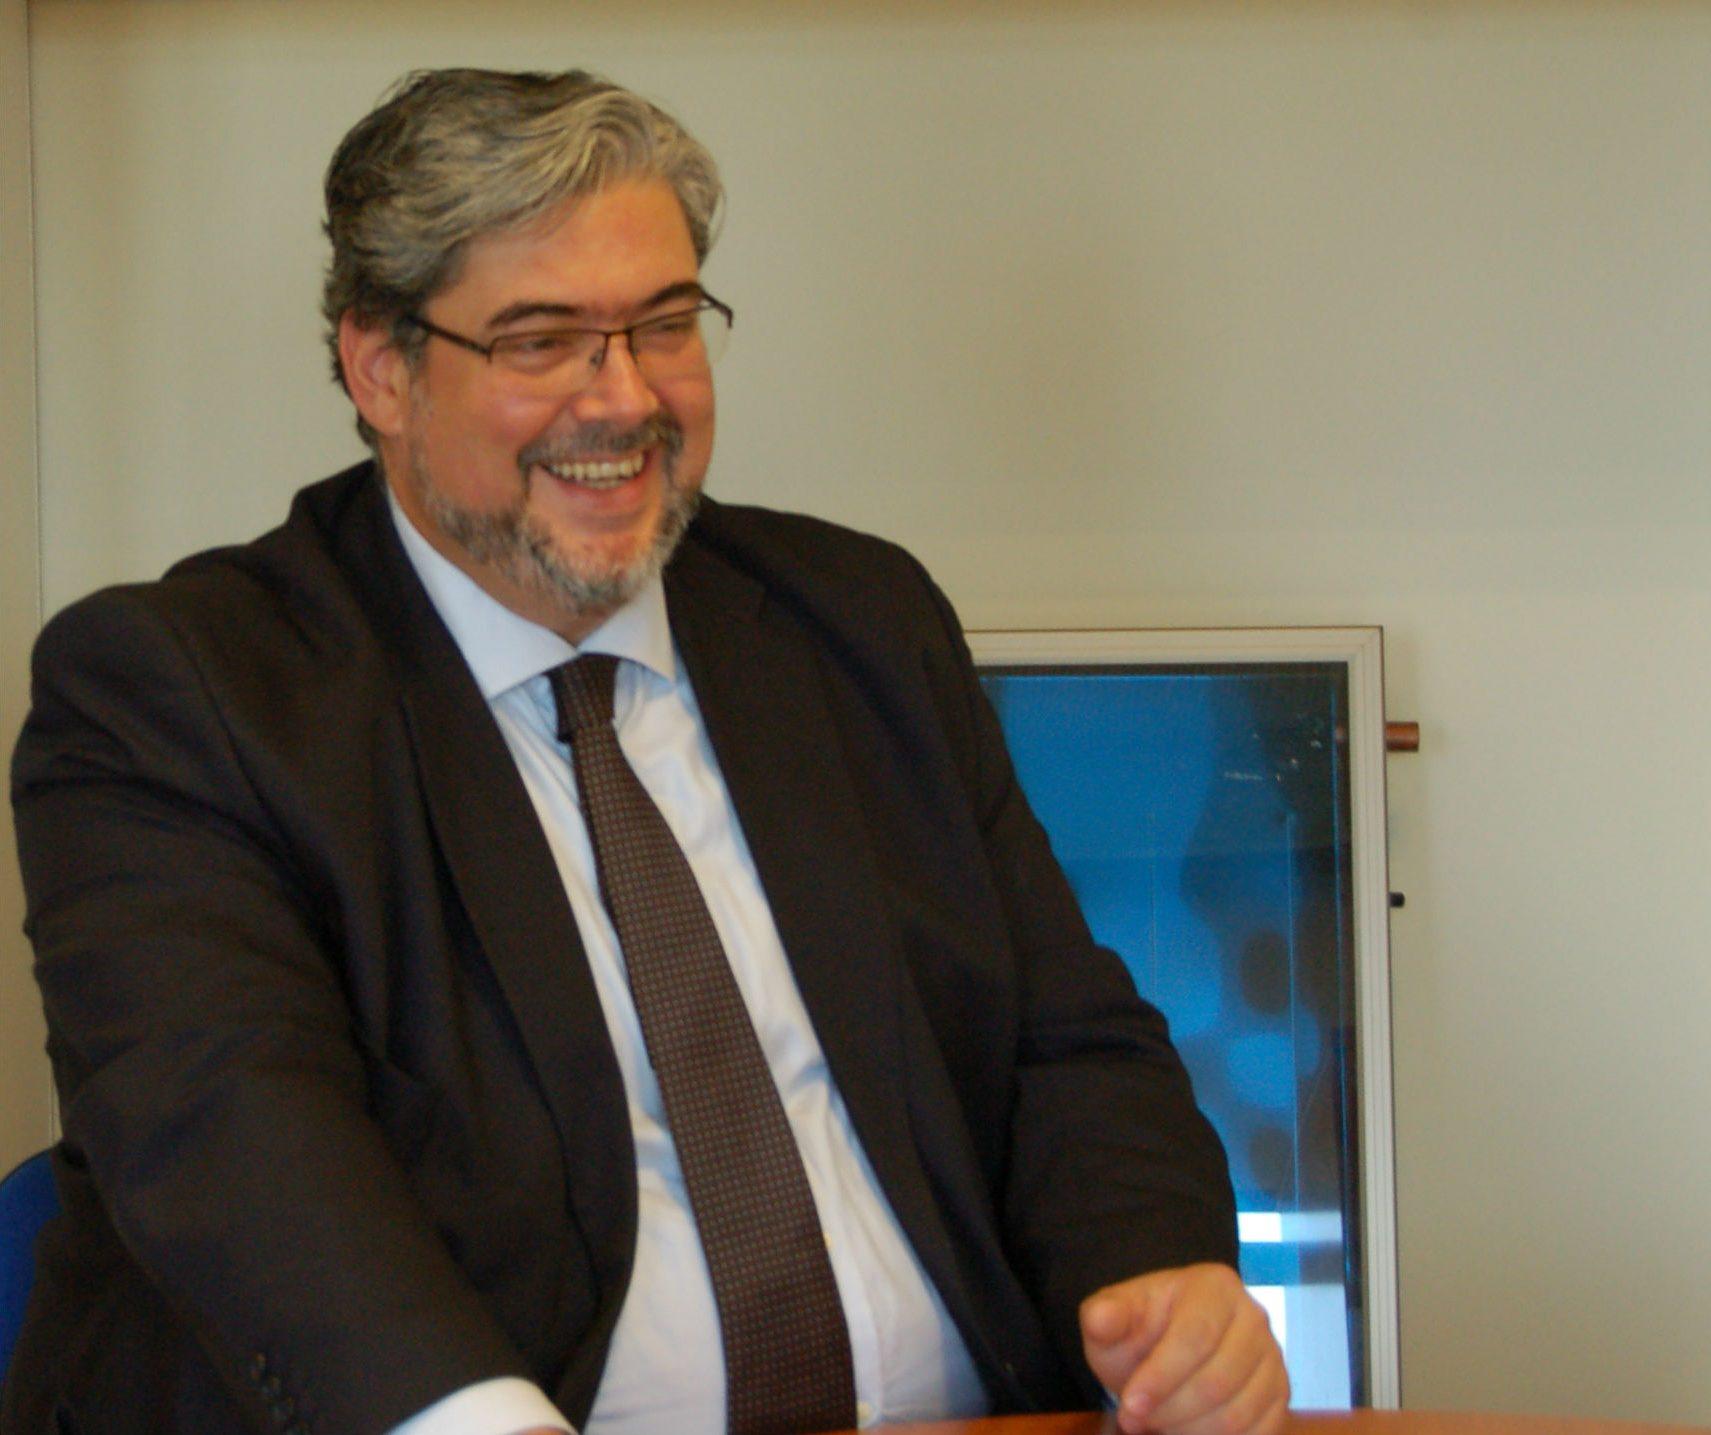 Pedro Dias picture